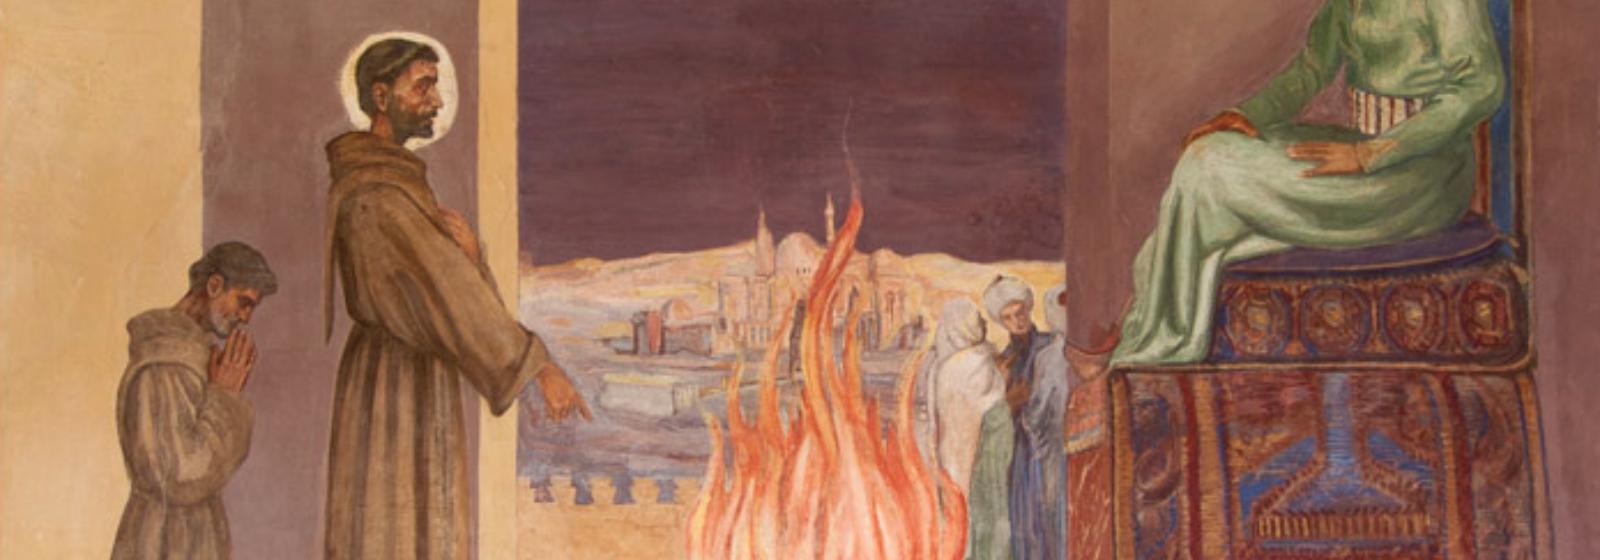 SAN FRANCESCO E IL SULTANO, 1219-2019: UN OPUSCOLO COMMEMORATIVO